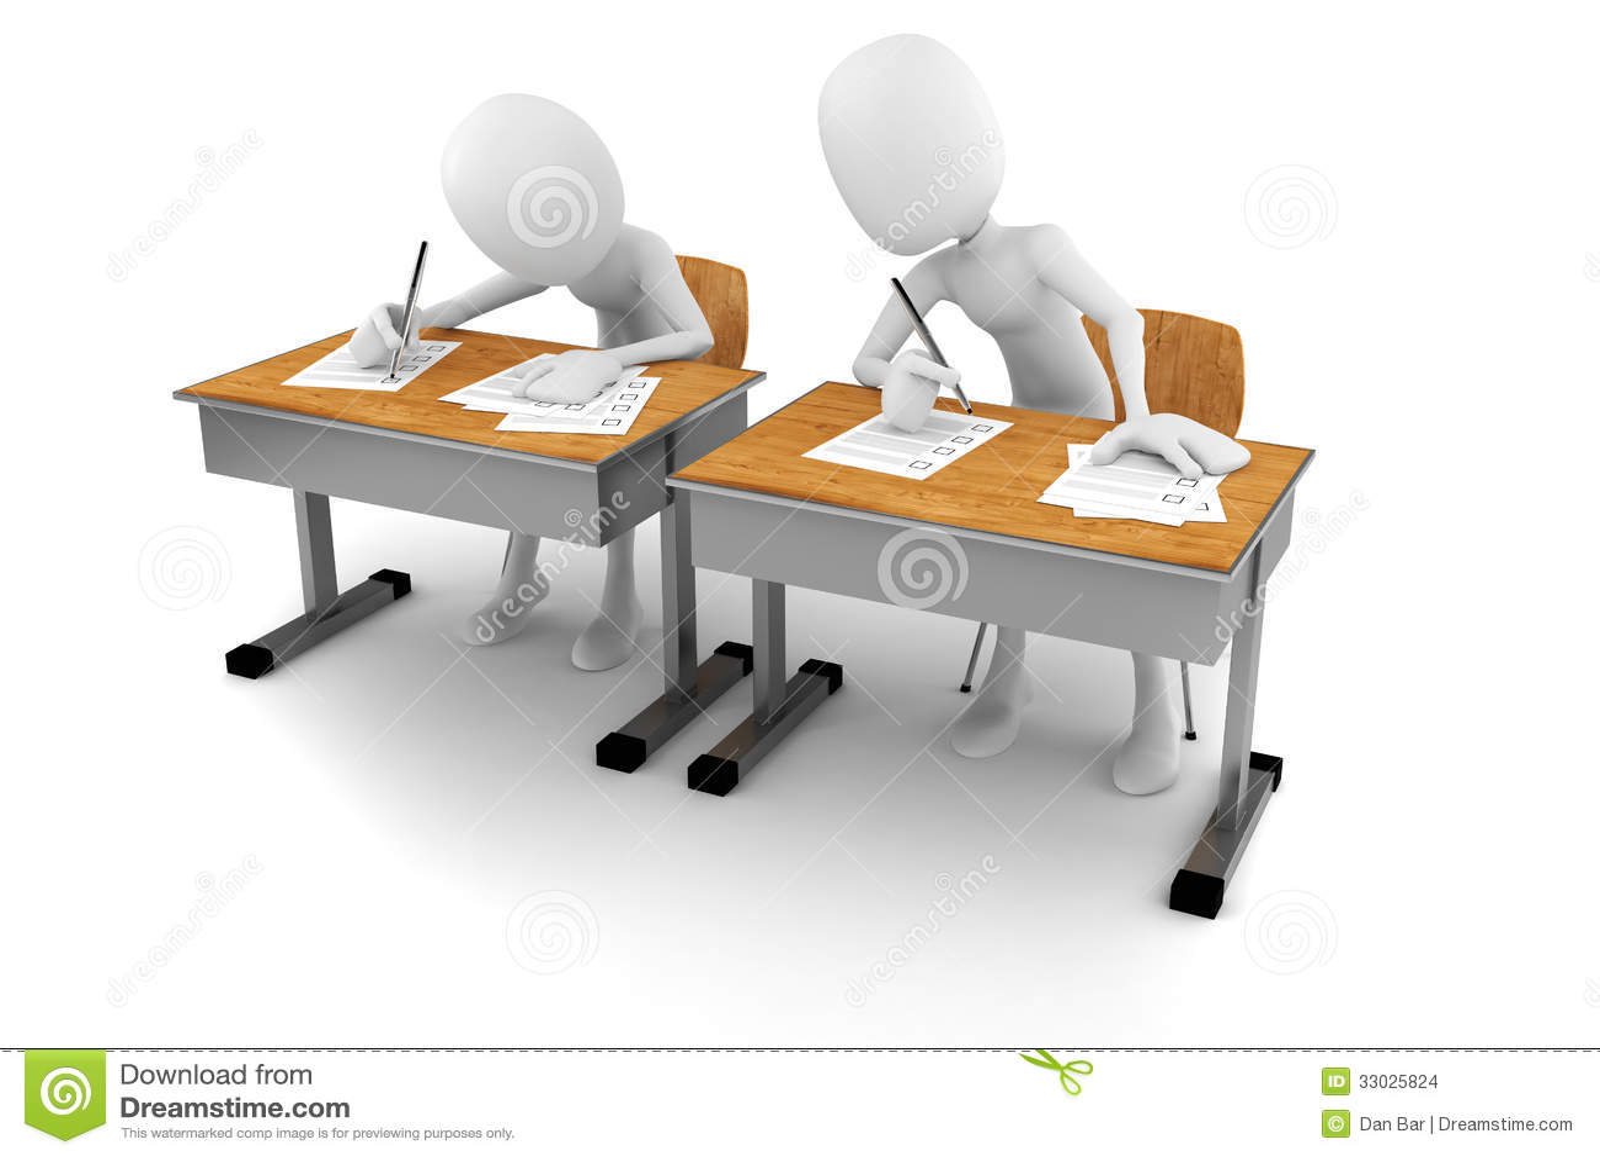 homme 3d dans la salle de classe essai d 39 examen illustration stock image 33025824. Black Bedroom Furniture Sets. Home Design Ideas